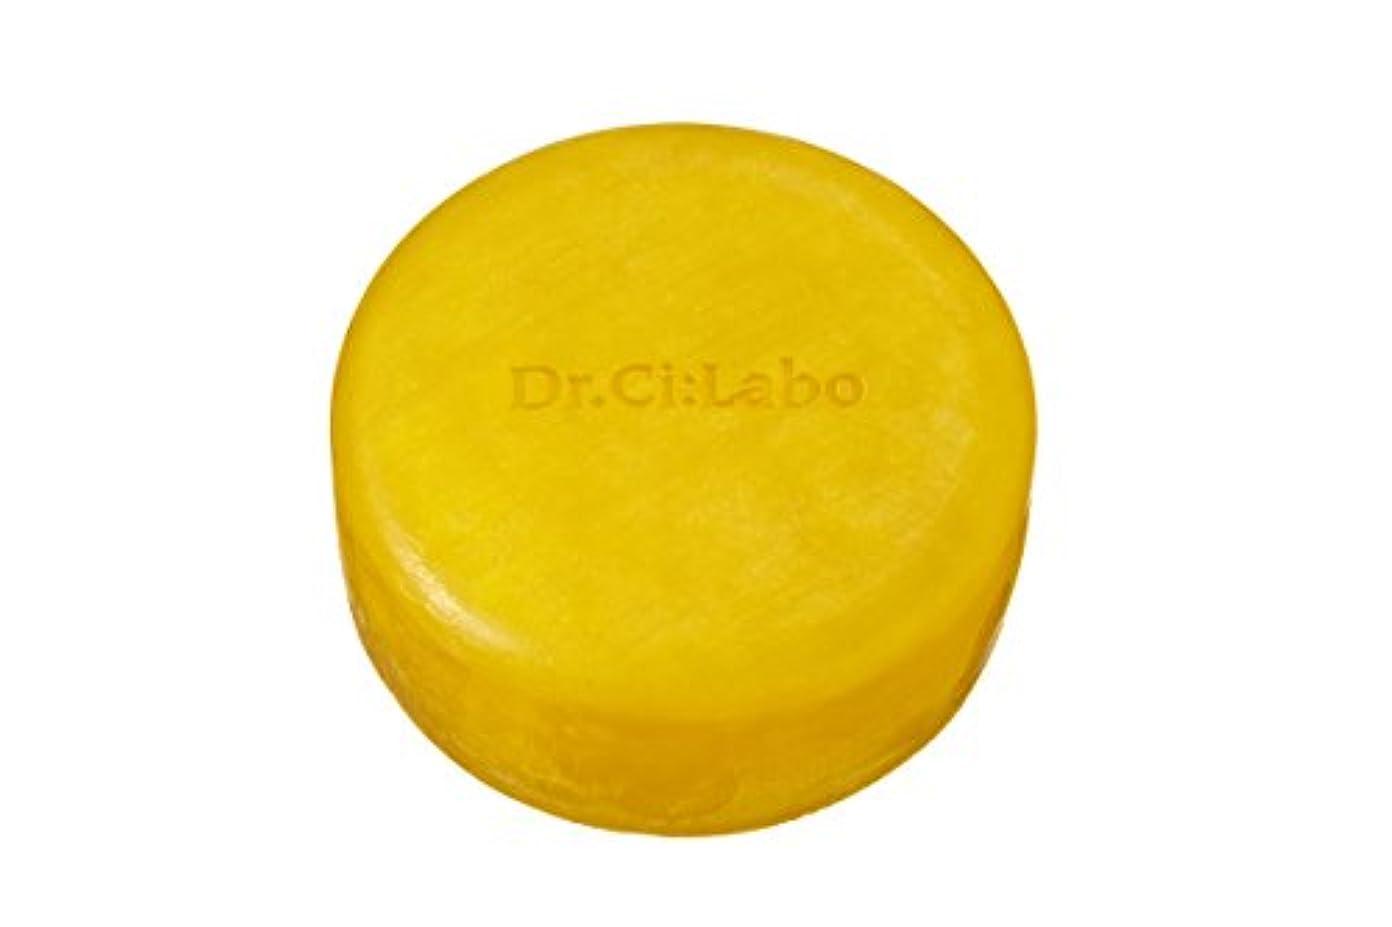 パンチ冷蔵する拷問ドクターシーラボ エンリッチリフトソープEX 角質オフ石鹸 100g 洗顔石鹸